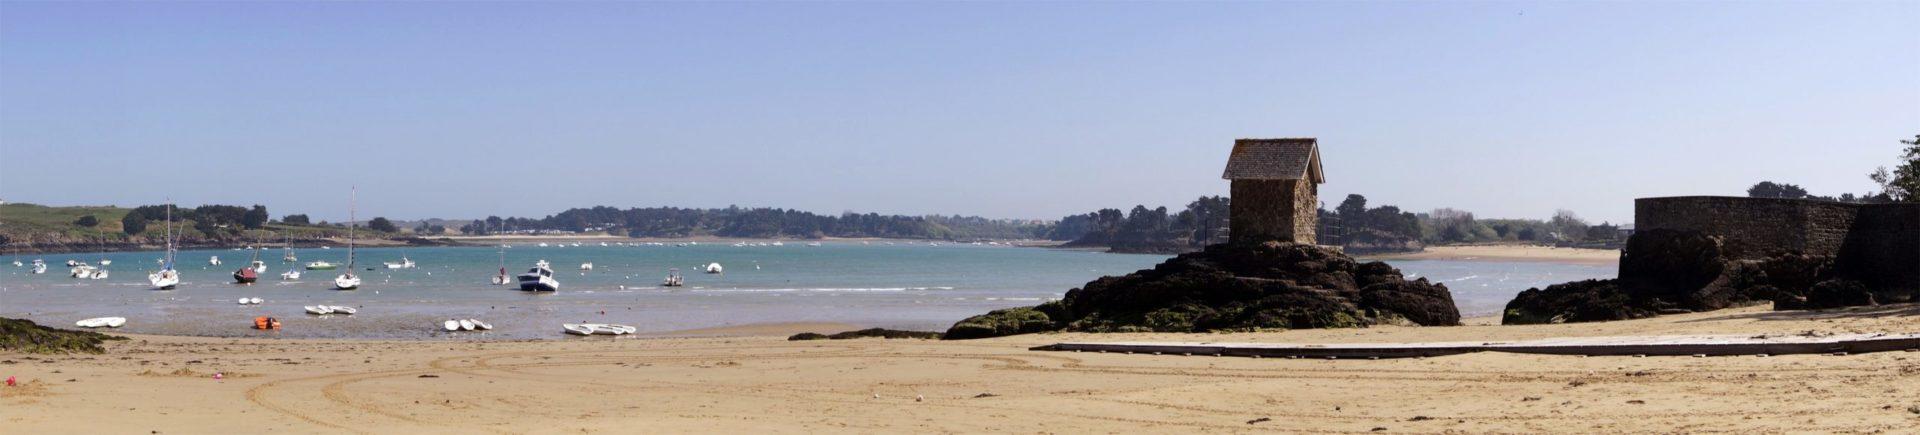 Wassertemperatur Le Havre